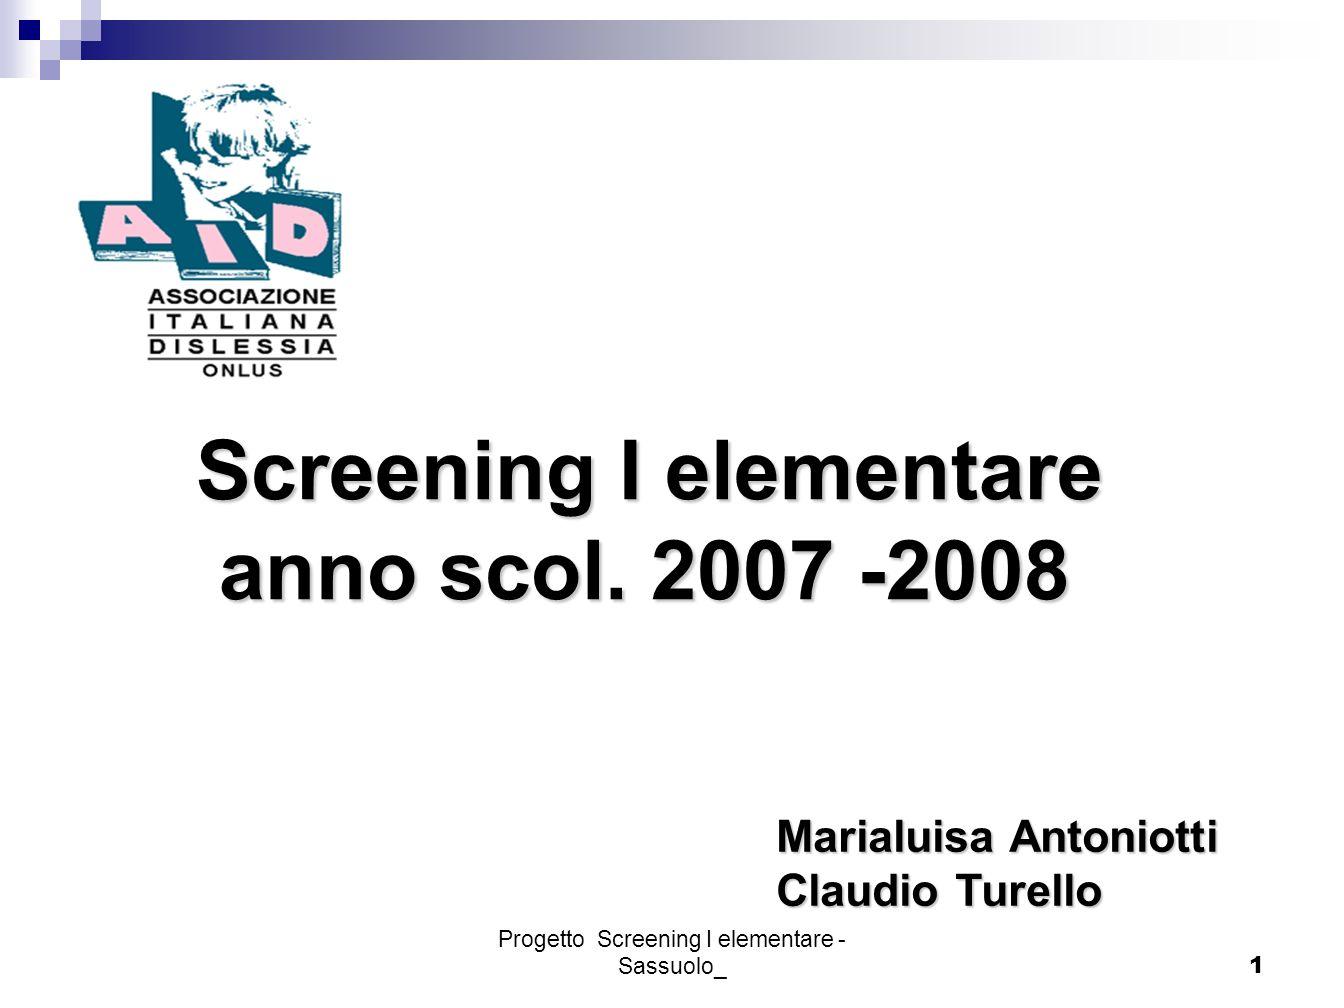 Progetto Screening I elementare - Sassuolo_1 Screening I elementare Screening I elementare anno scol. 2007 -2008 anno scol. 2007 -2008 Marialuisa Anto